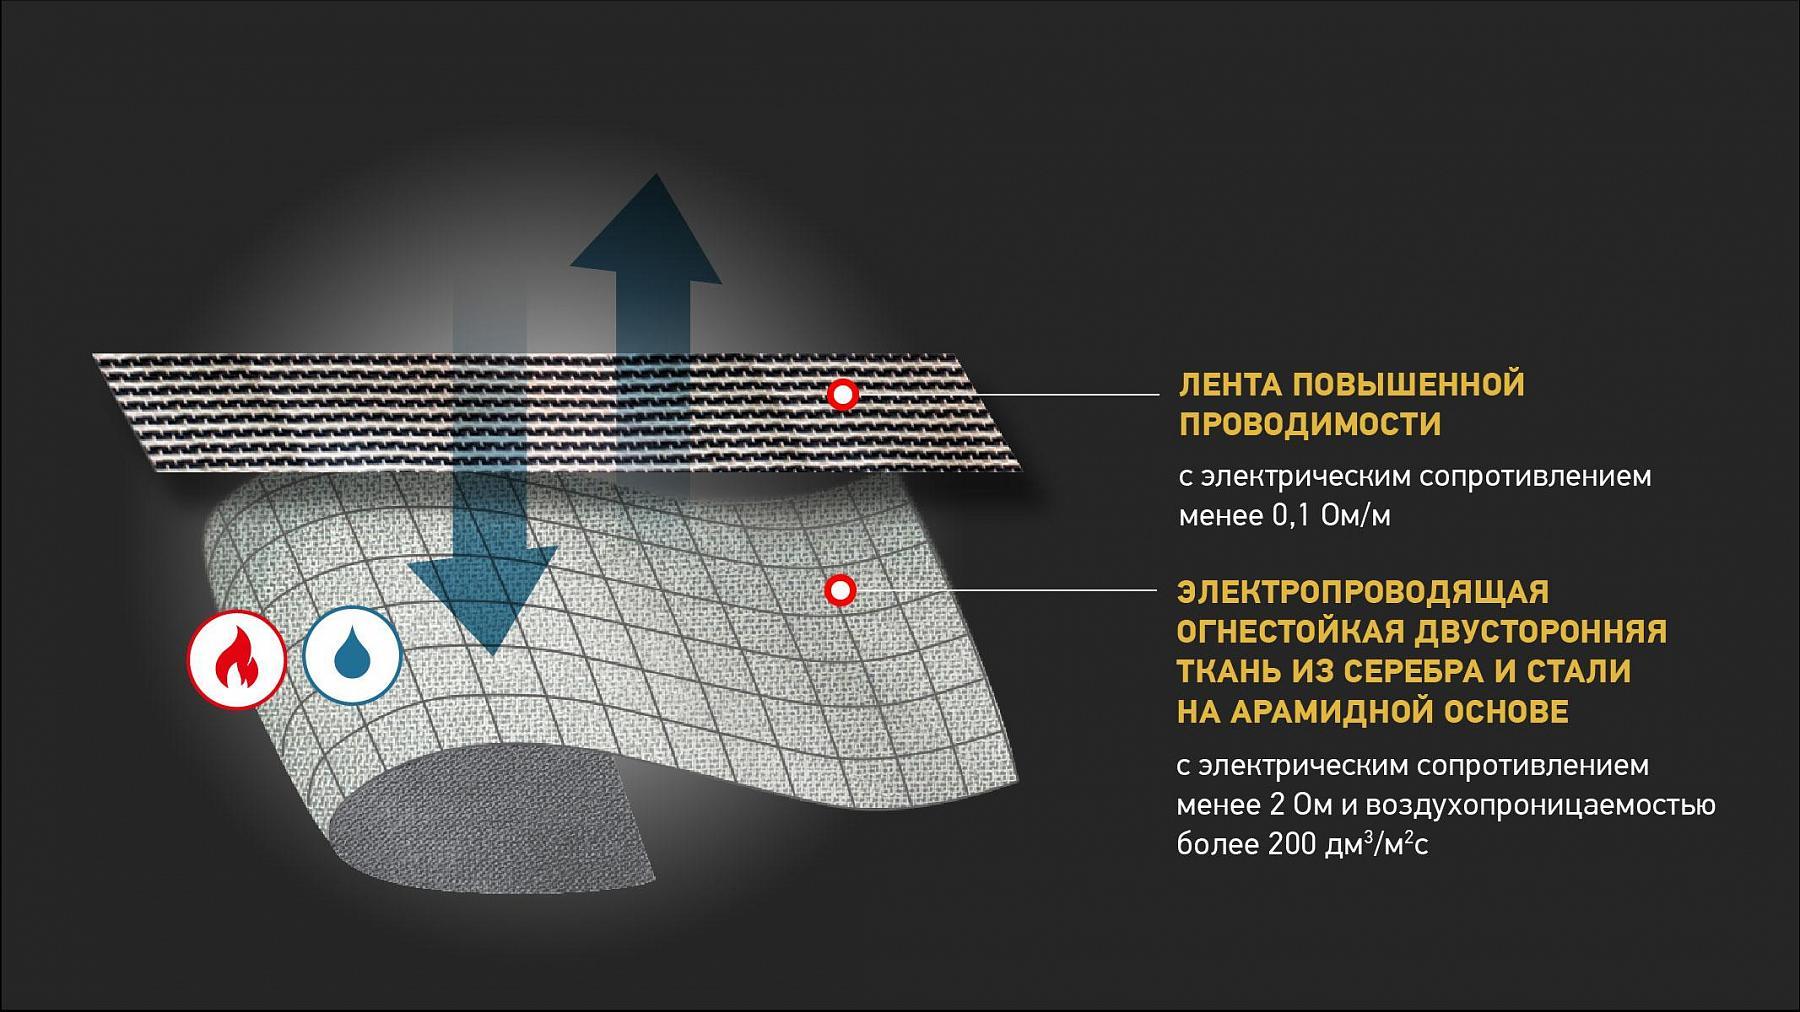 Металлизированные электропроводящие ткани